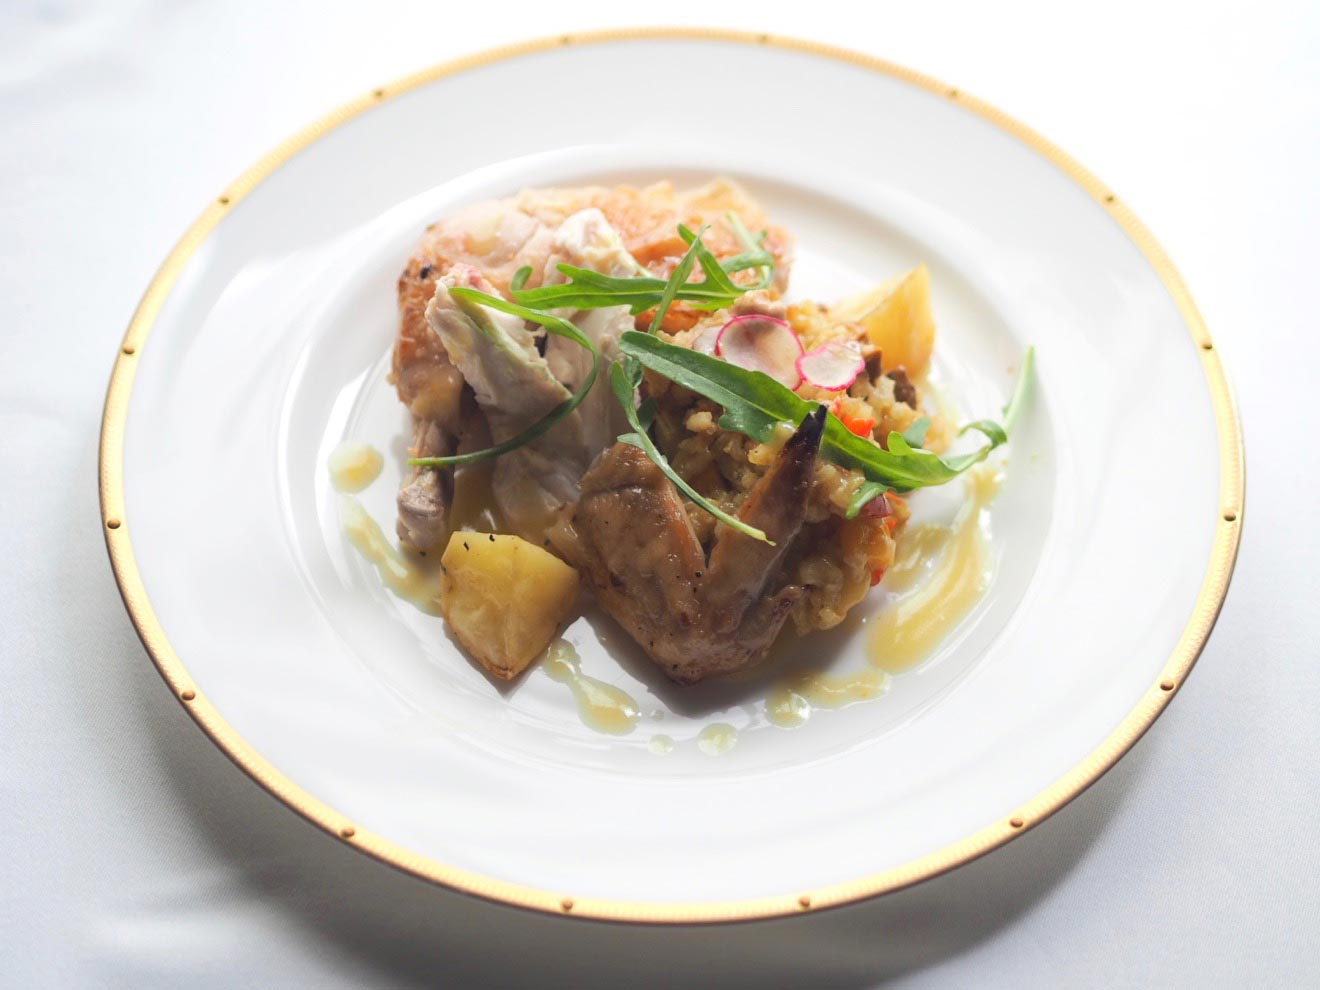 【レシピ】丸鶏で作る本格派ローストチキン